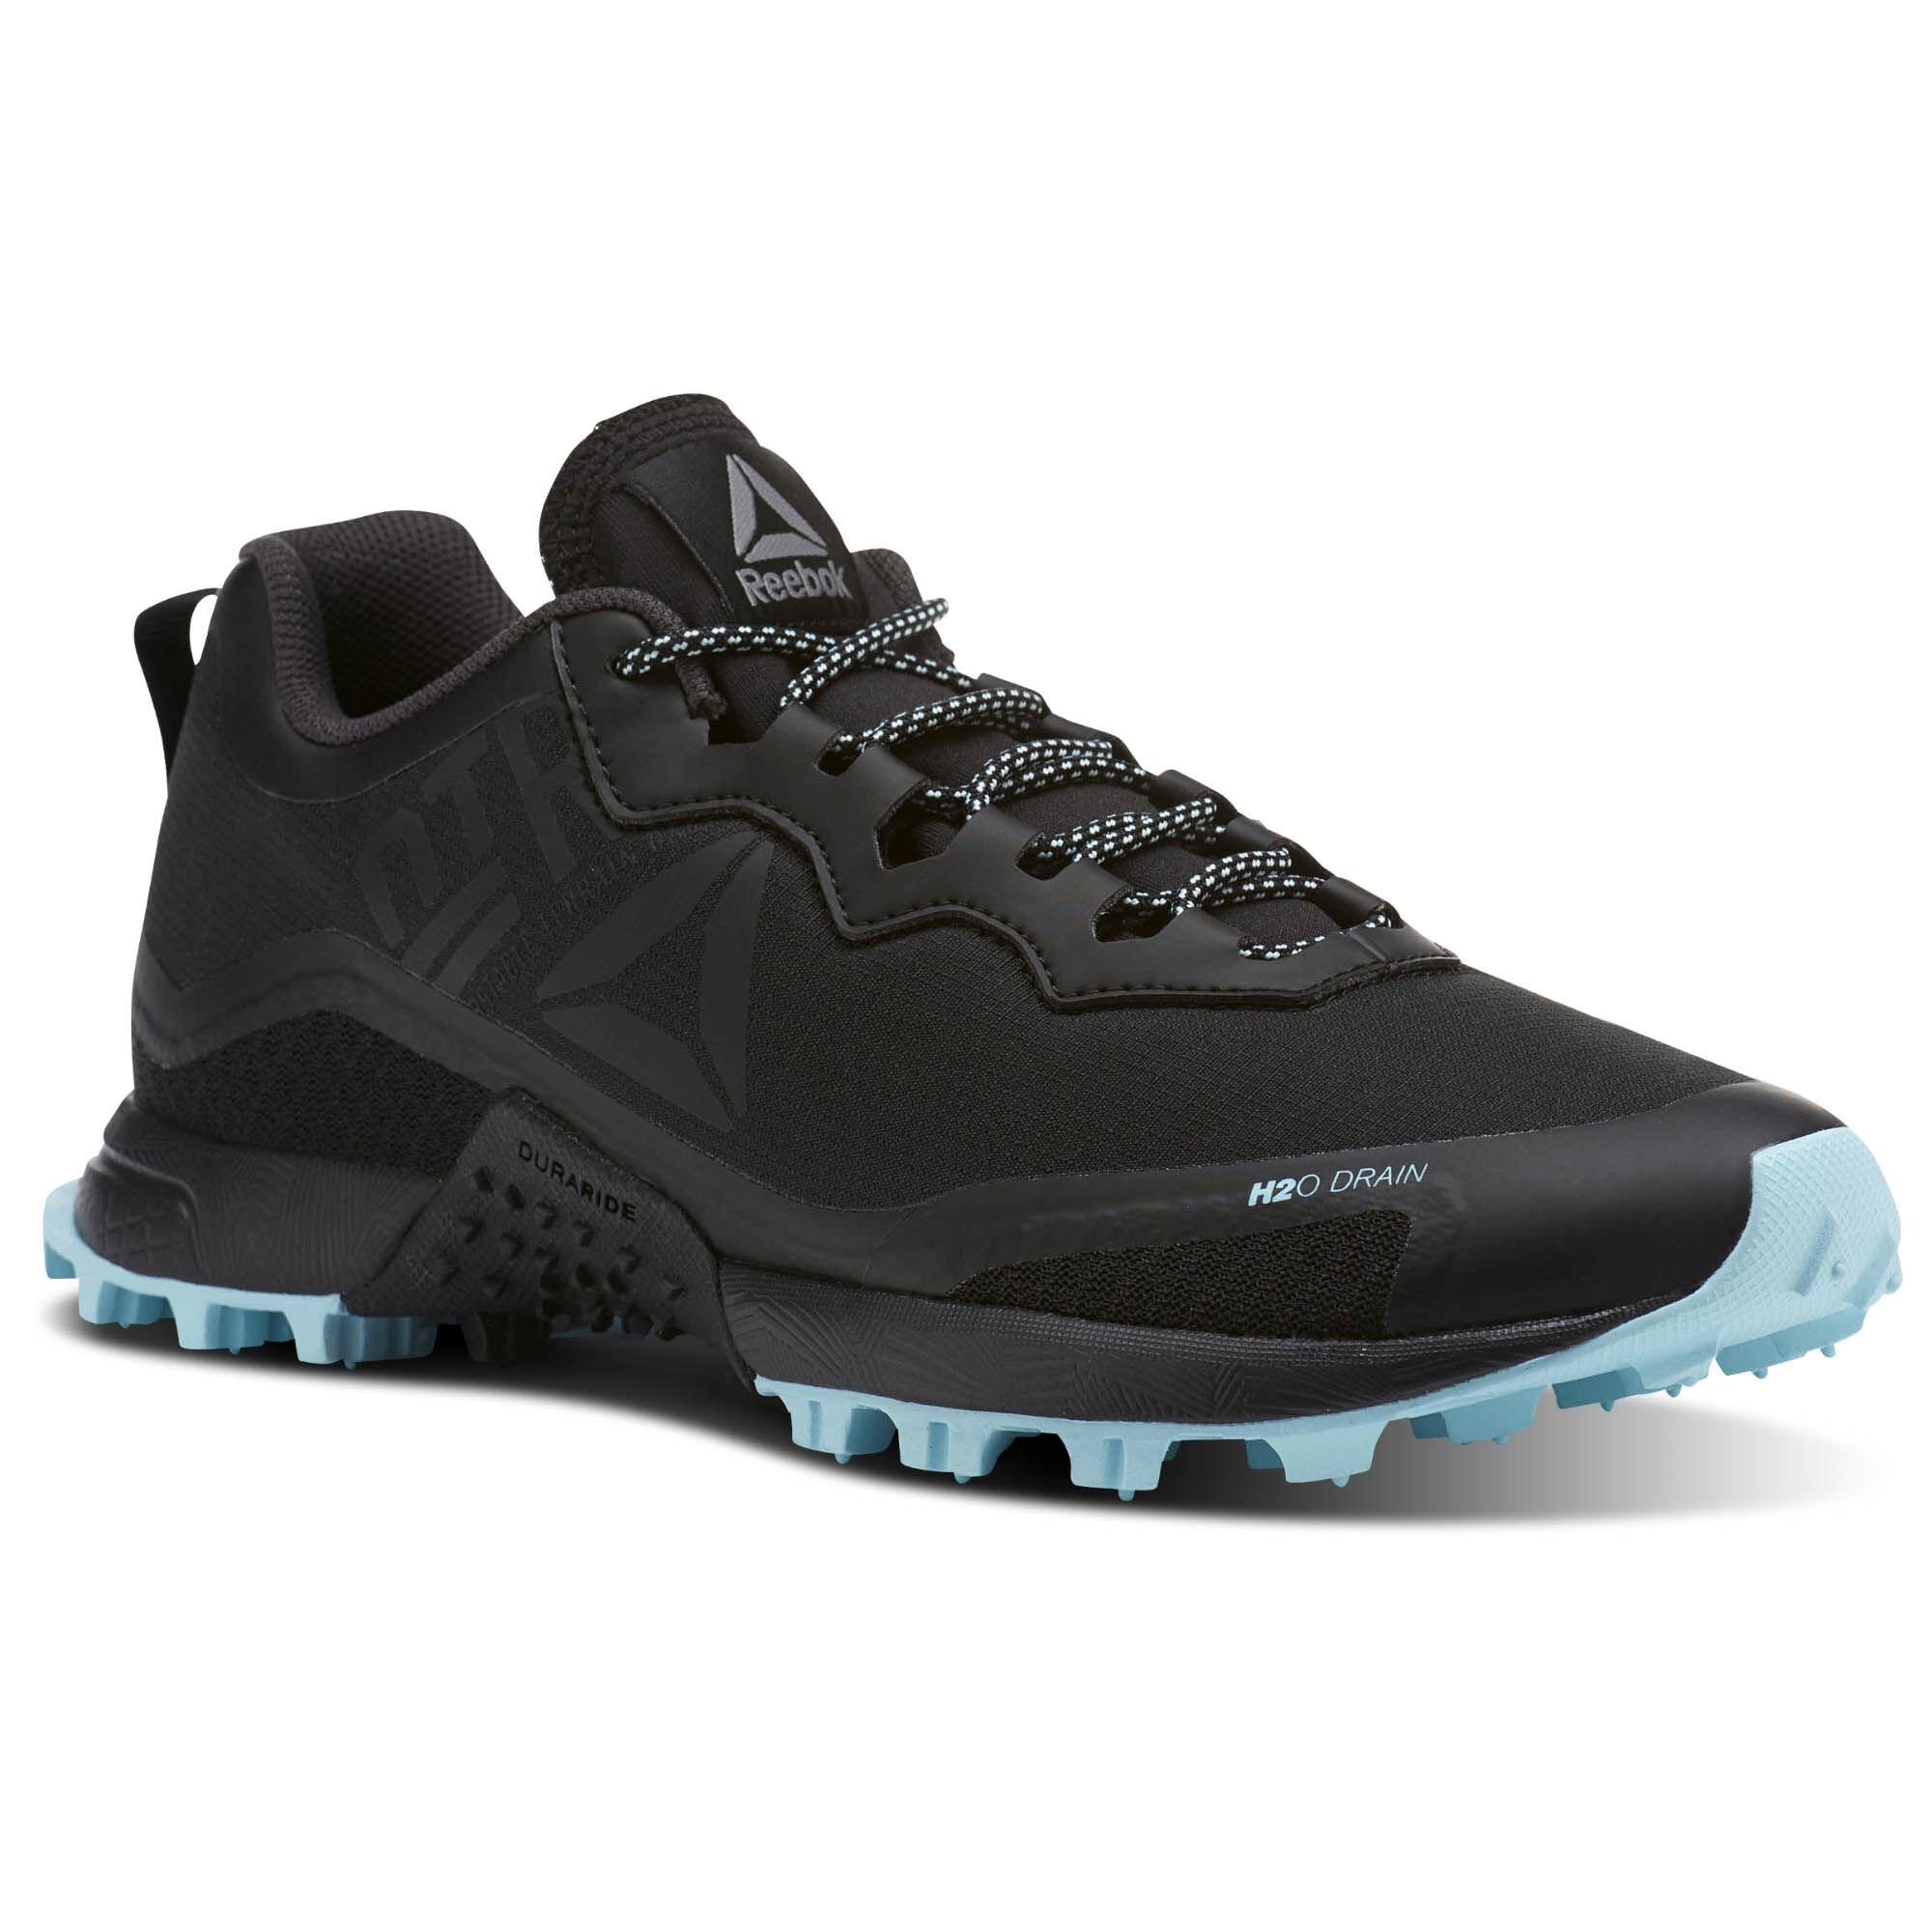 Reebok ALL TERRAIN CRAZE - Chaussures de running noir 8LhmotUqRP